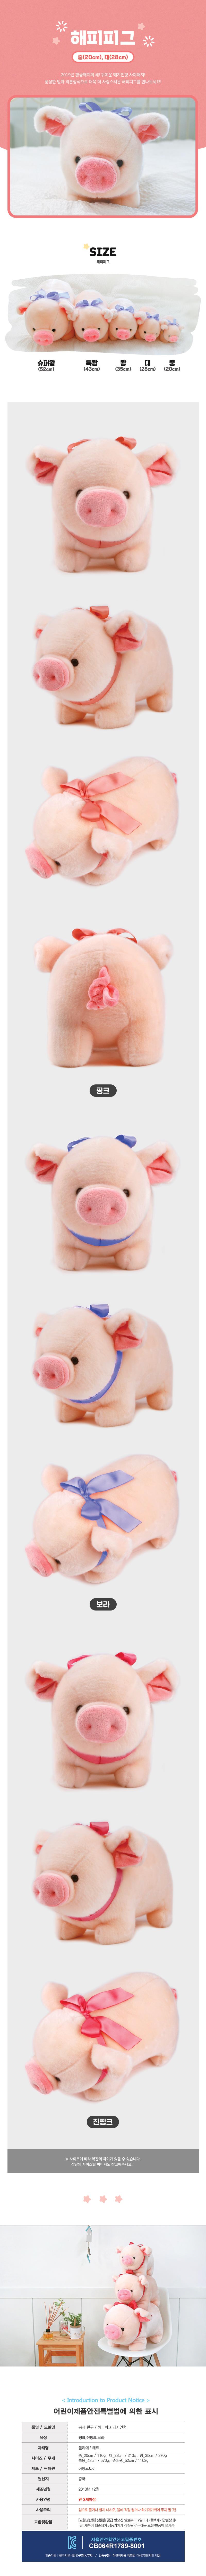 해피피그 돼지인형-중형.대형-(옵션선택) - 누리토이즈, 10,800원, 애니멀인형, 돼지 인형